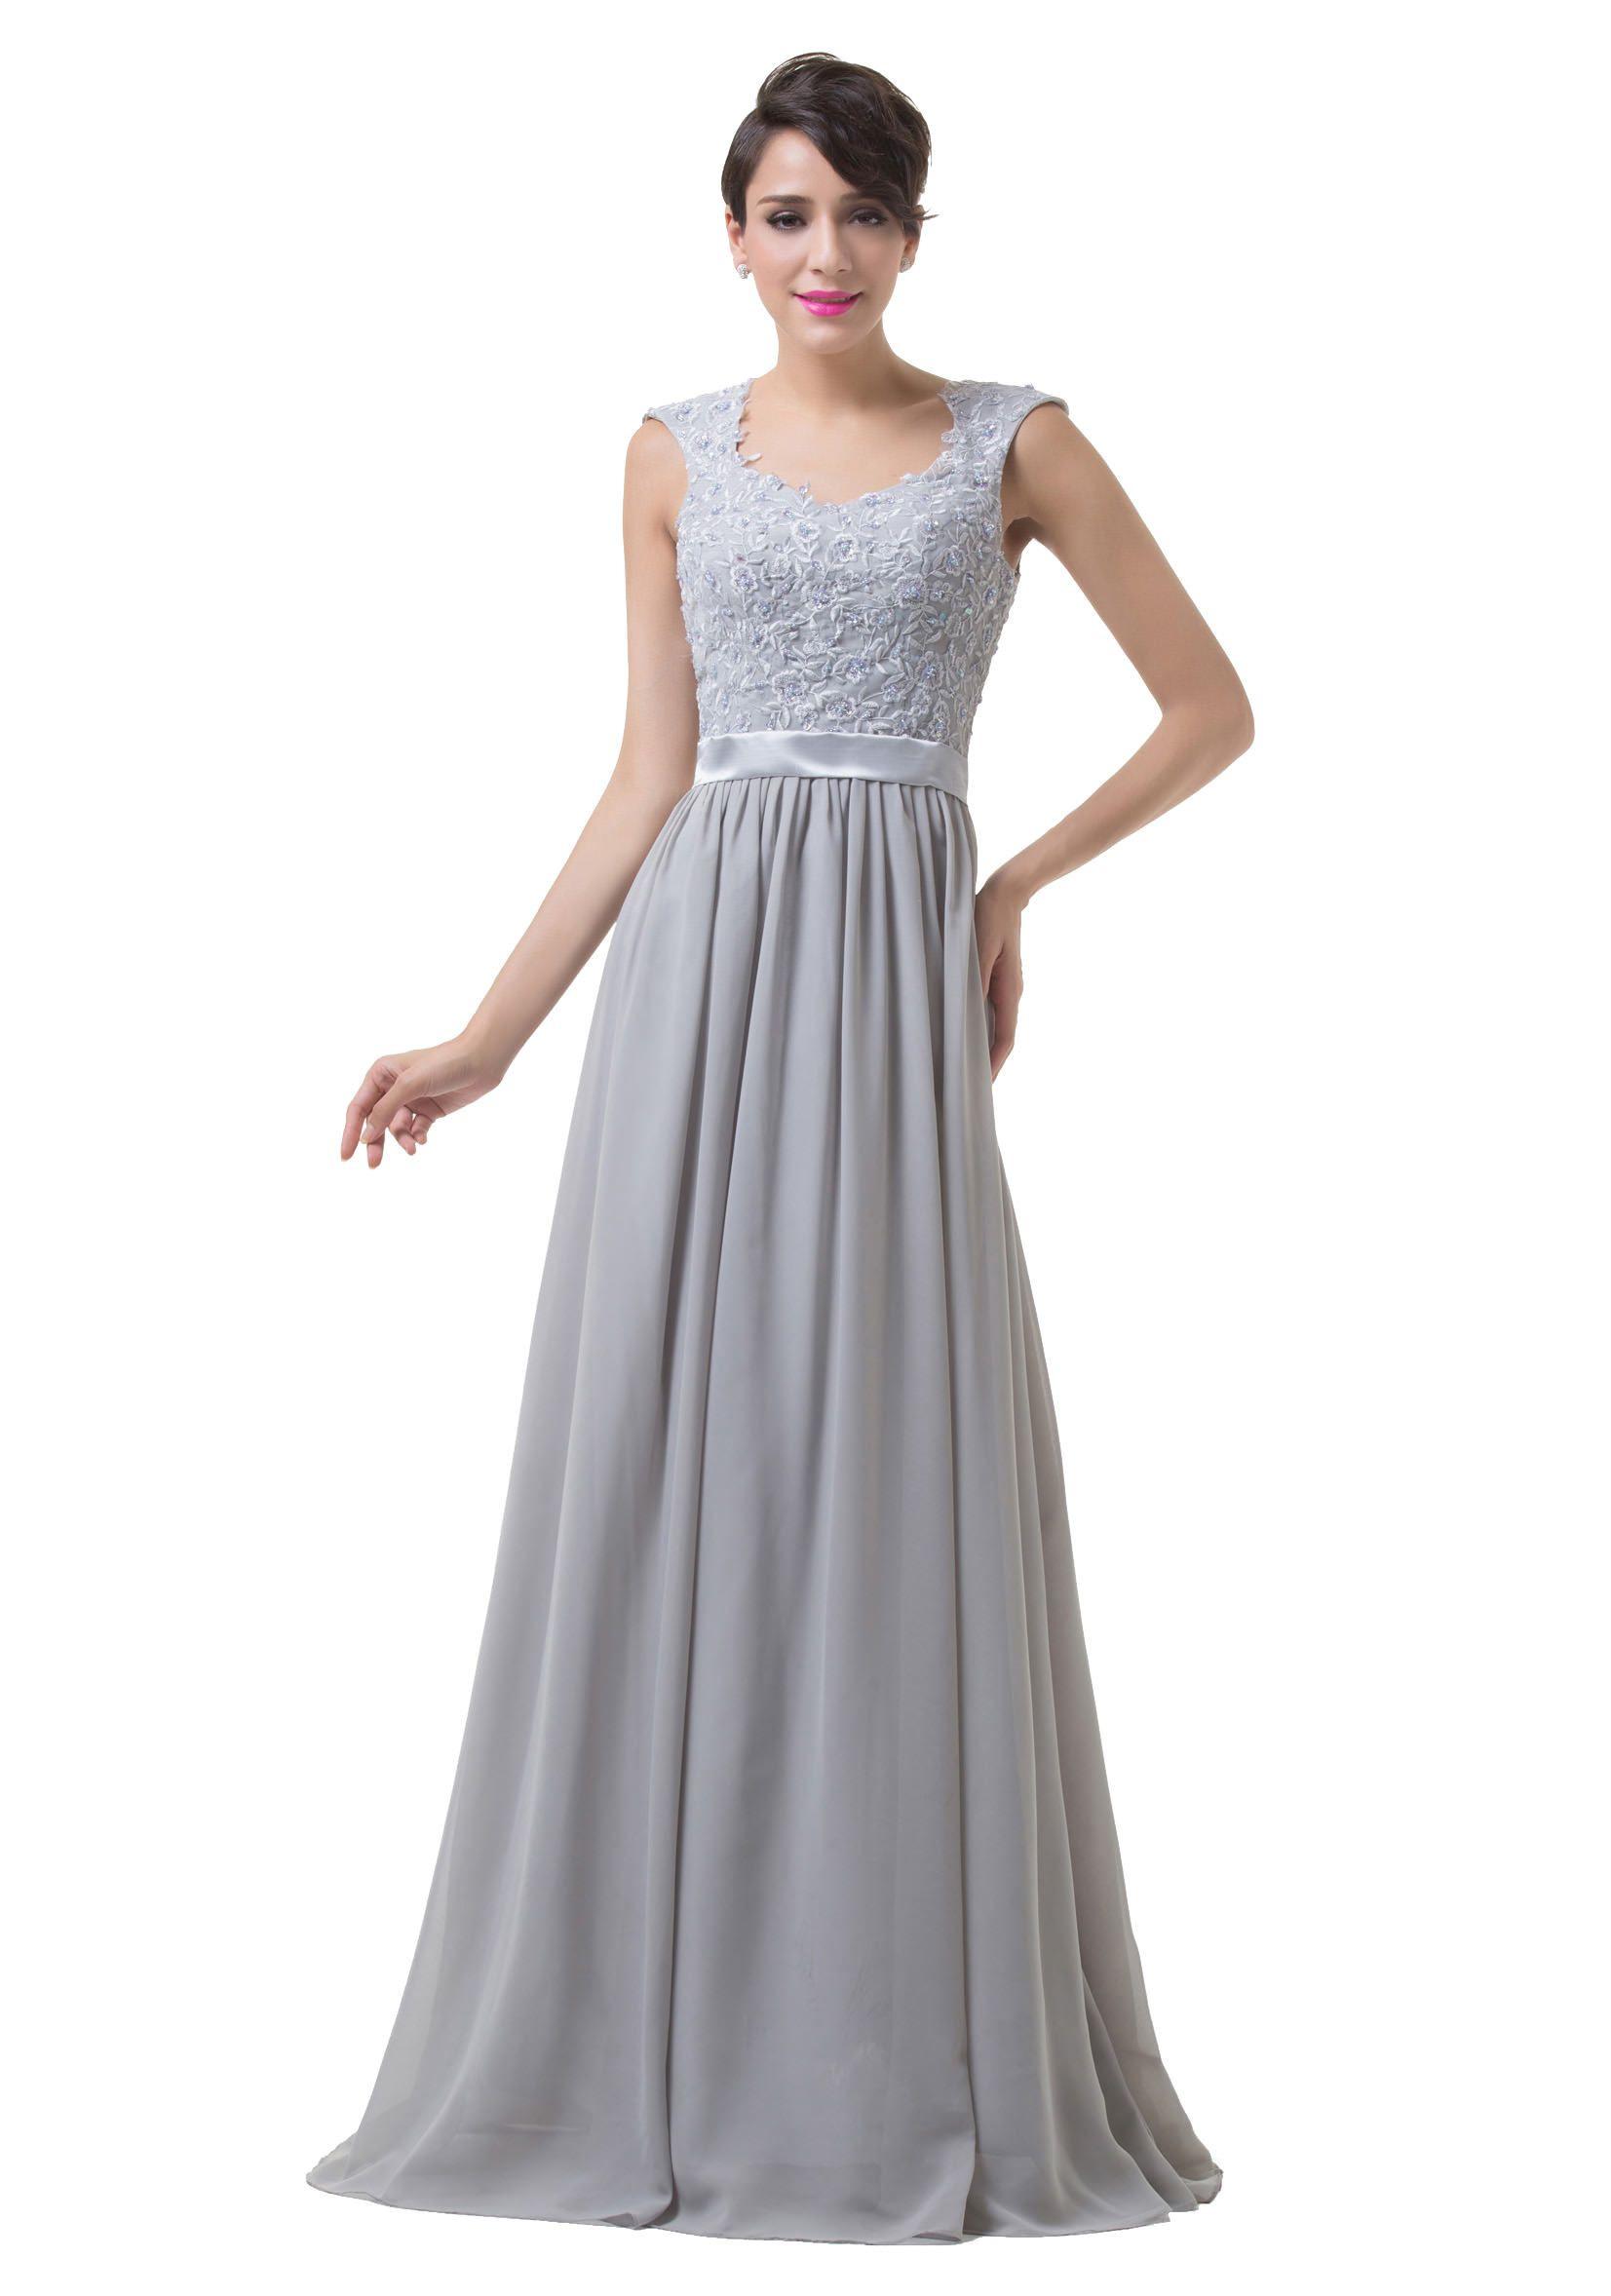 Abend Schön Abendkleid Grau Design Leicht Abendkleid Grau Boutique